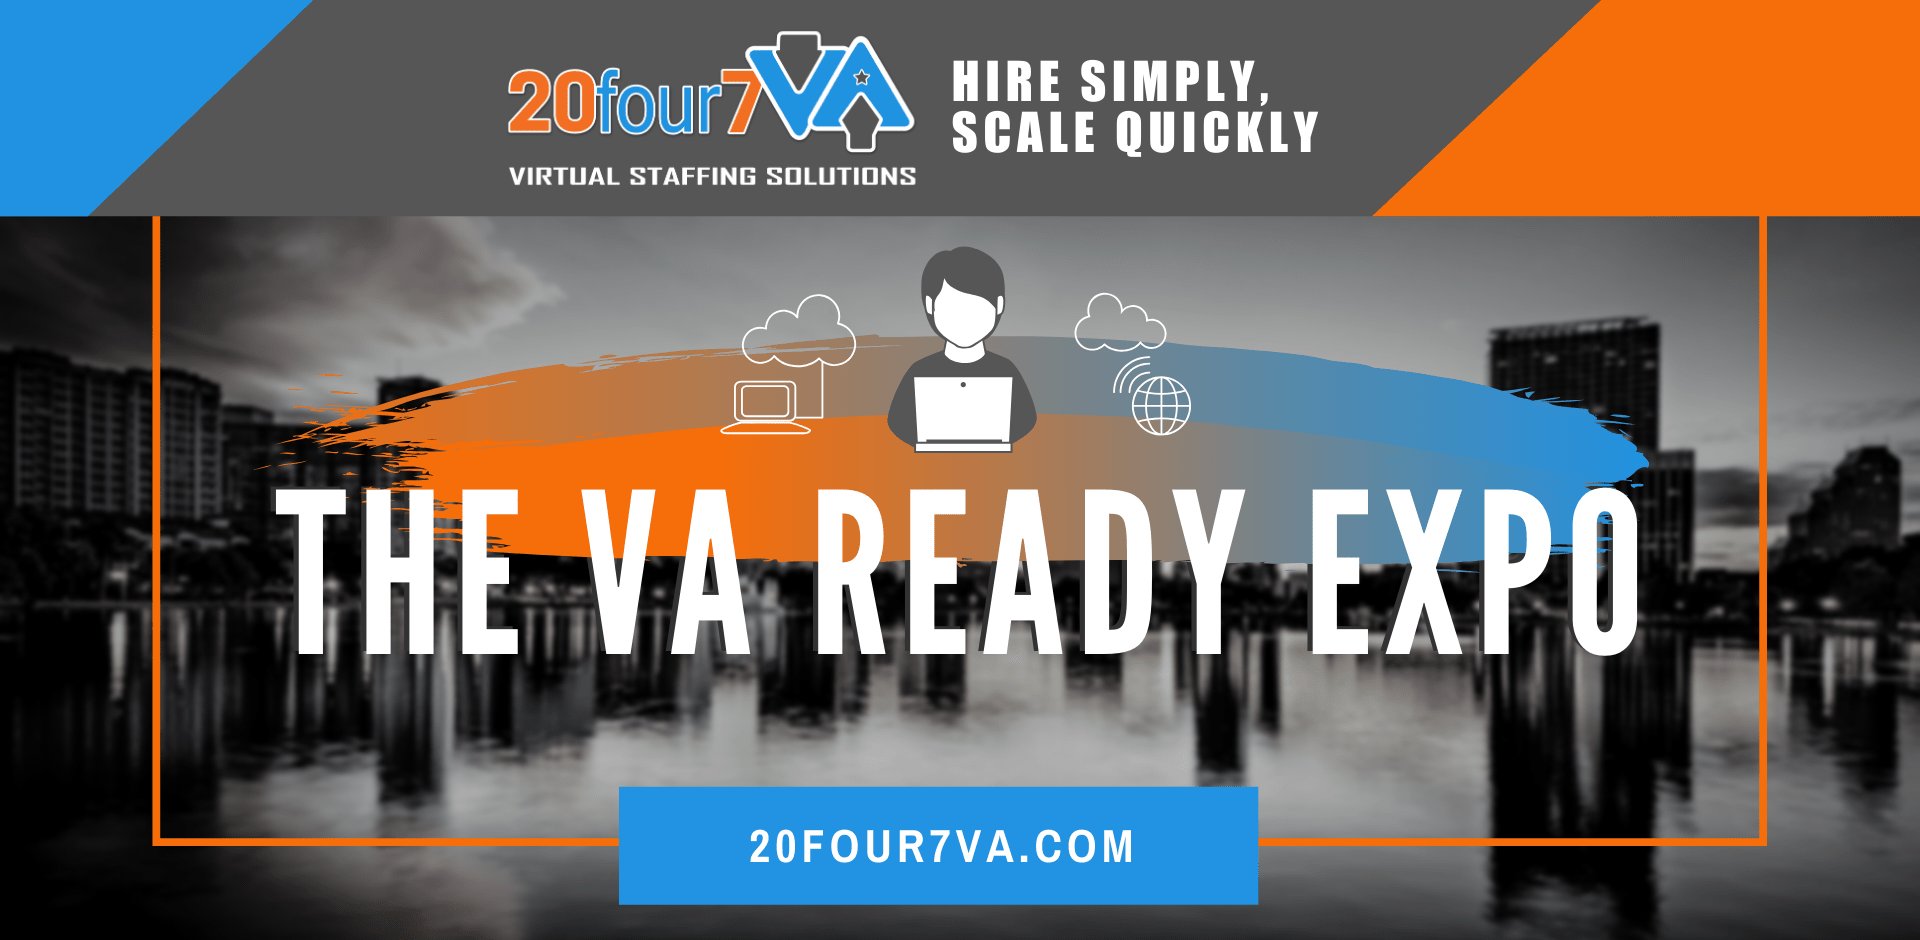 The VA Ready Expo - 20four7VA